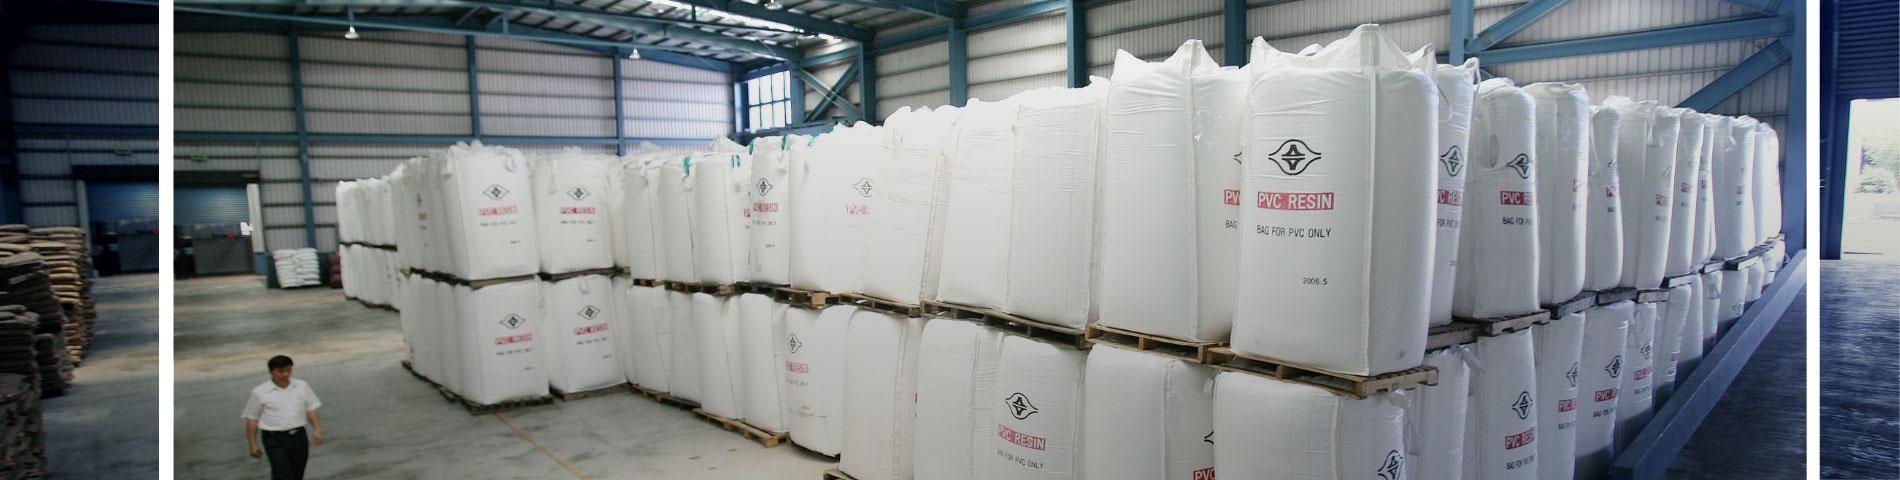 رزین و مواد خام PVC PVC